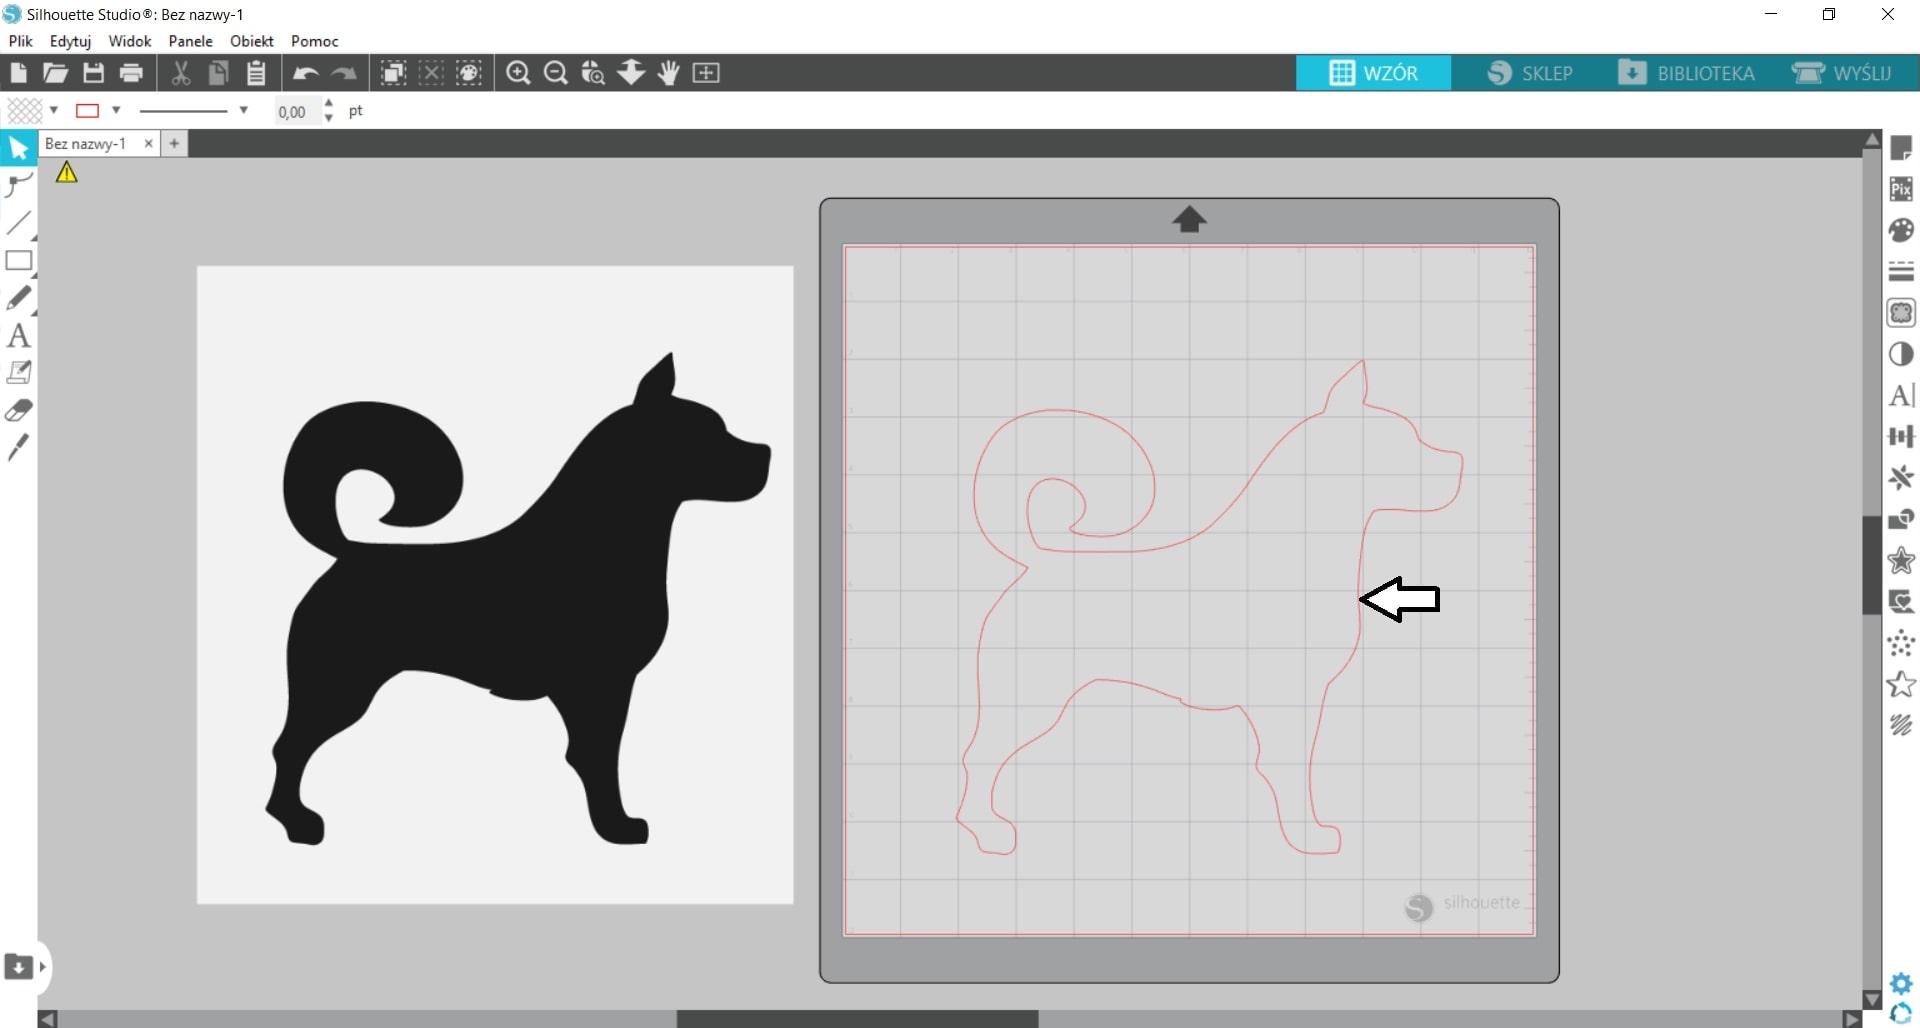 Jak stworzyć wzór do wycięcia ze znalezionej grafiki?